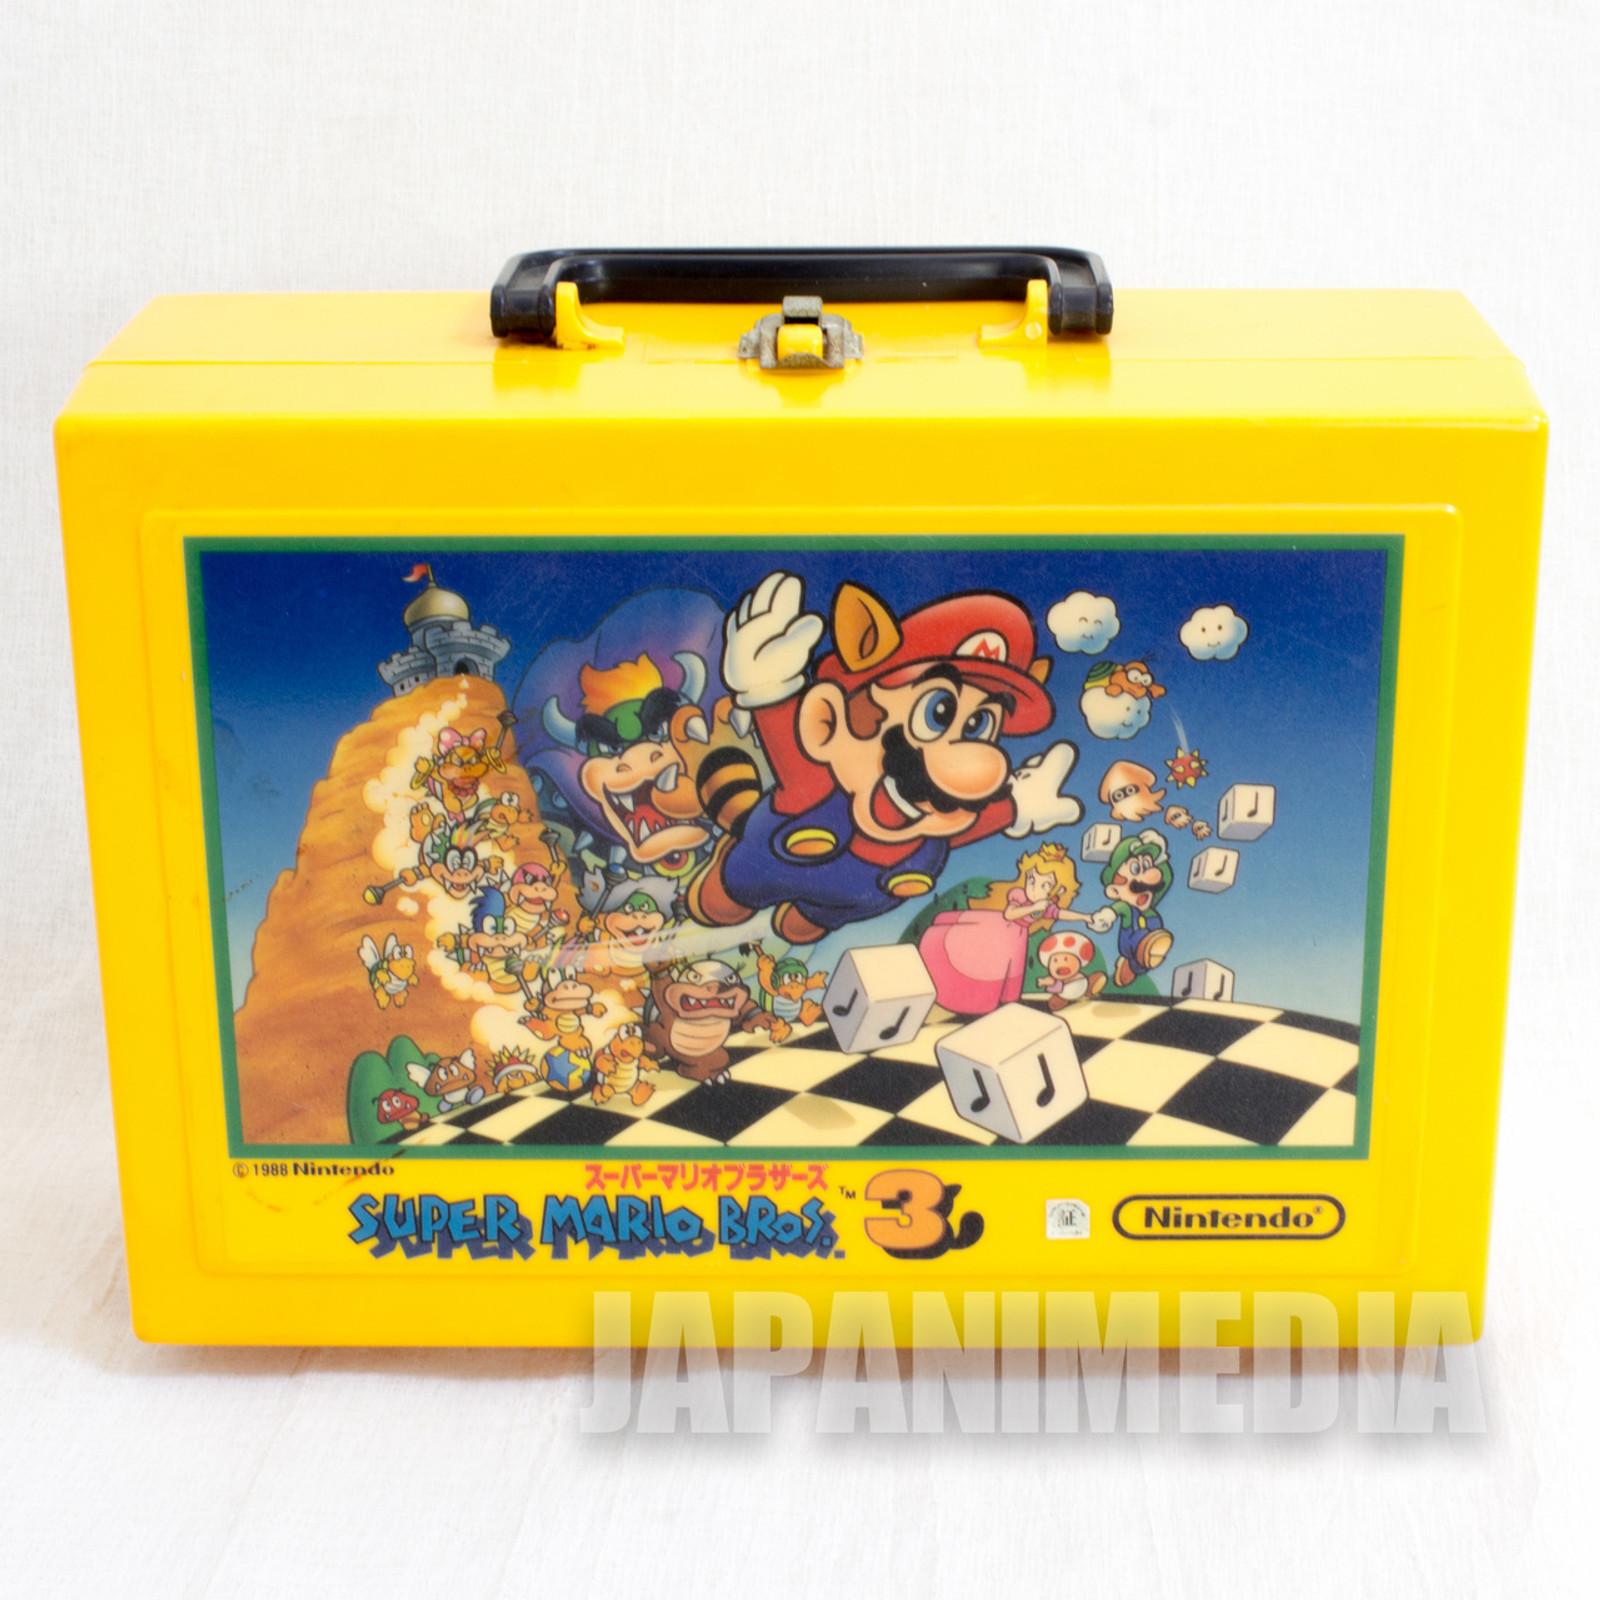 Retro RARE! Super Mario Bros. 3 Plastic Case JAPAN GAME NINTNEDO NES